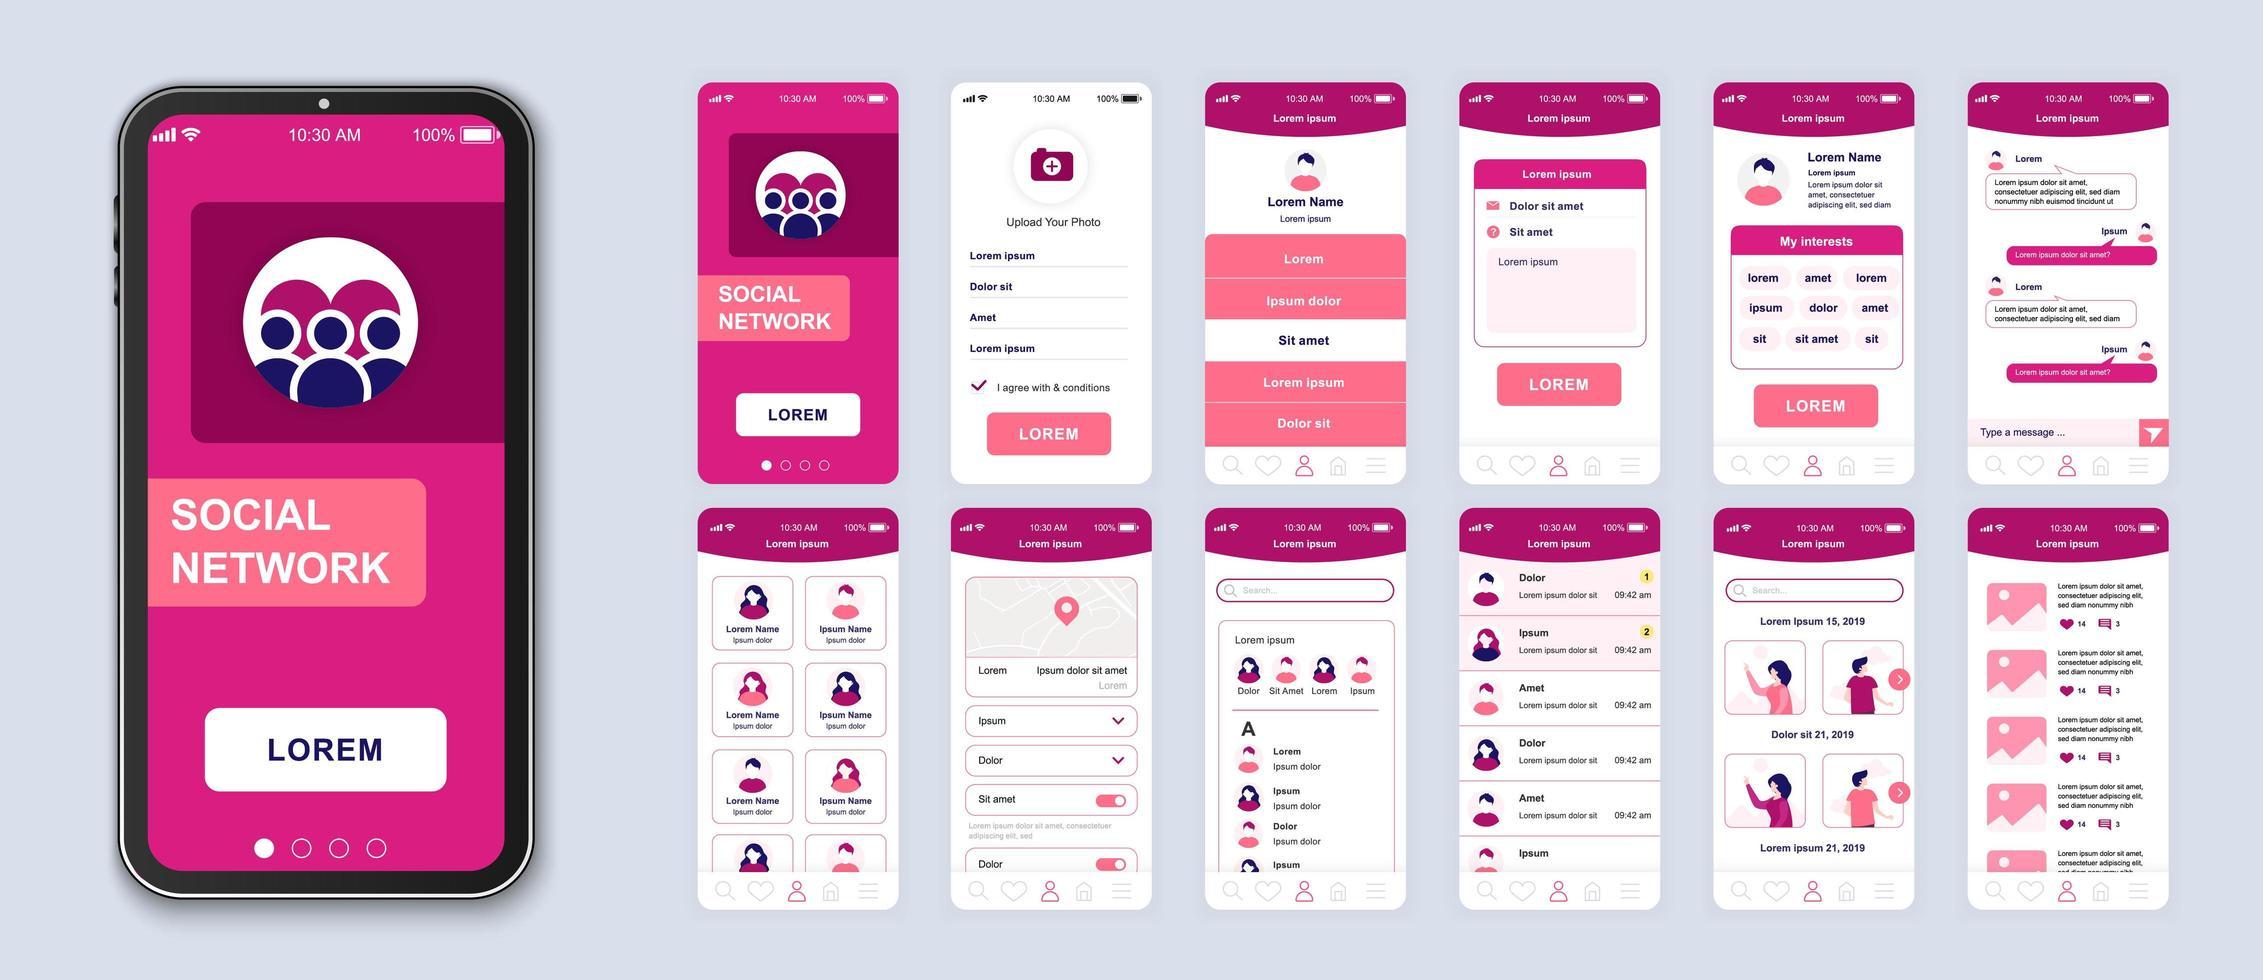 interfaz de teléfono inteligente ui de red social rosa vector